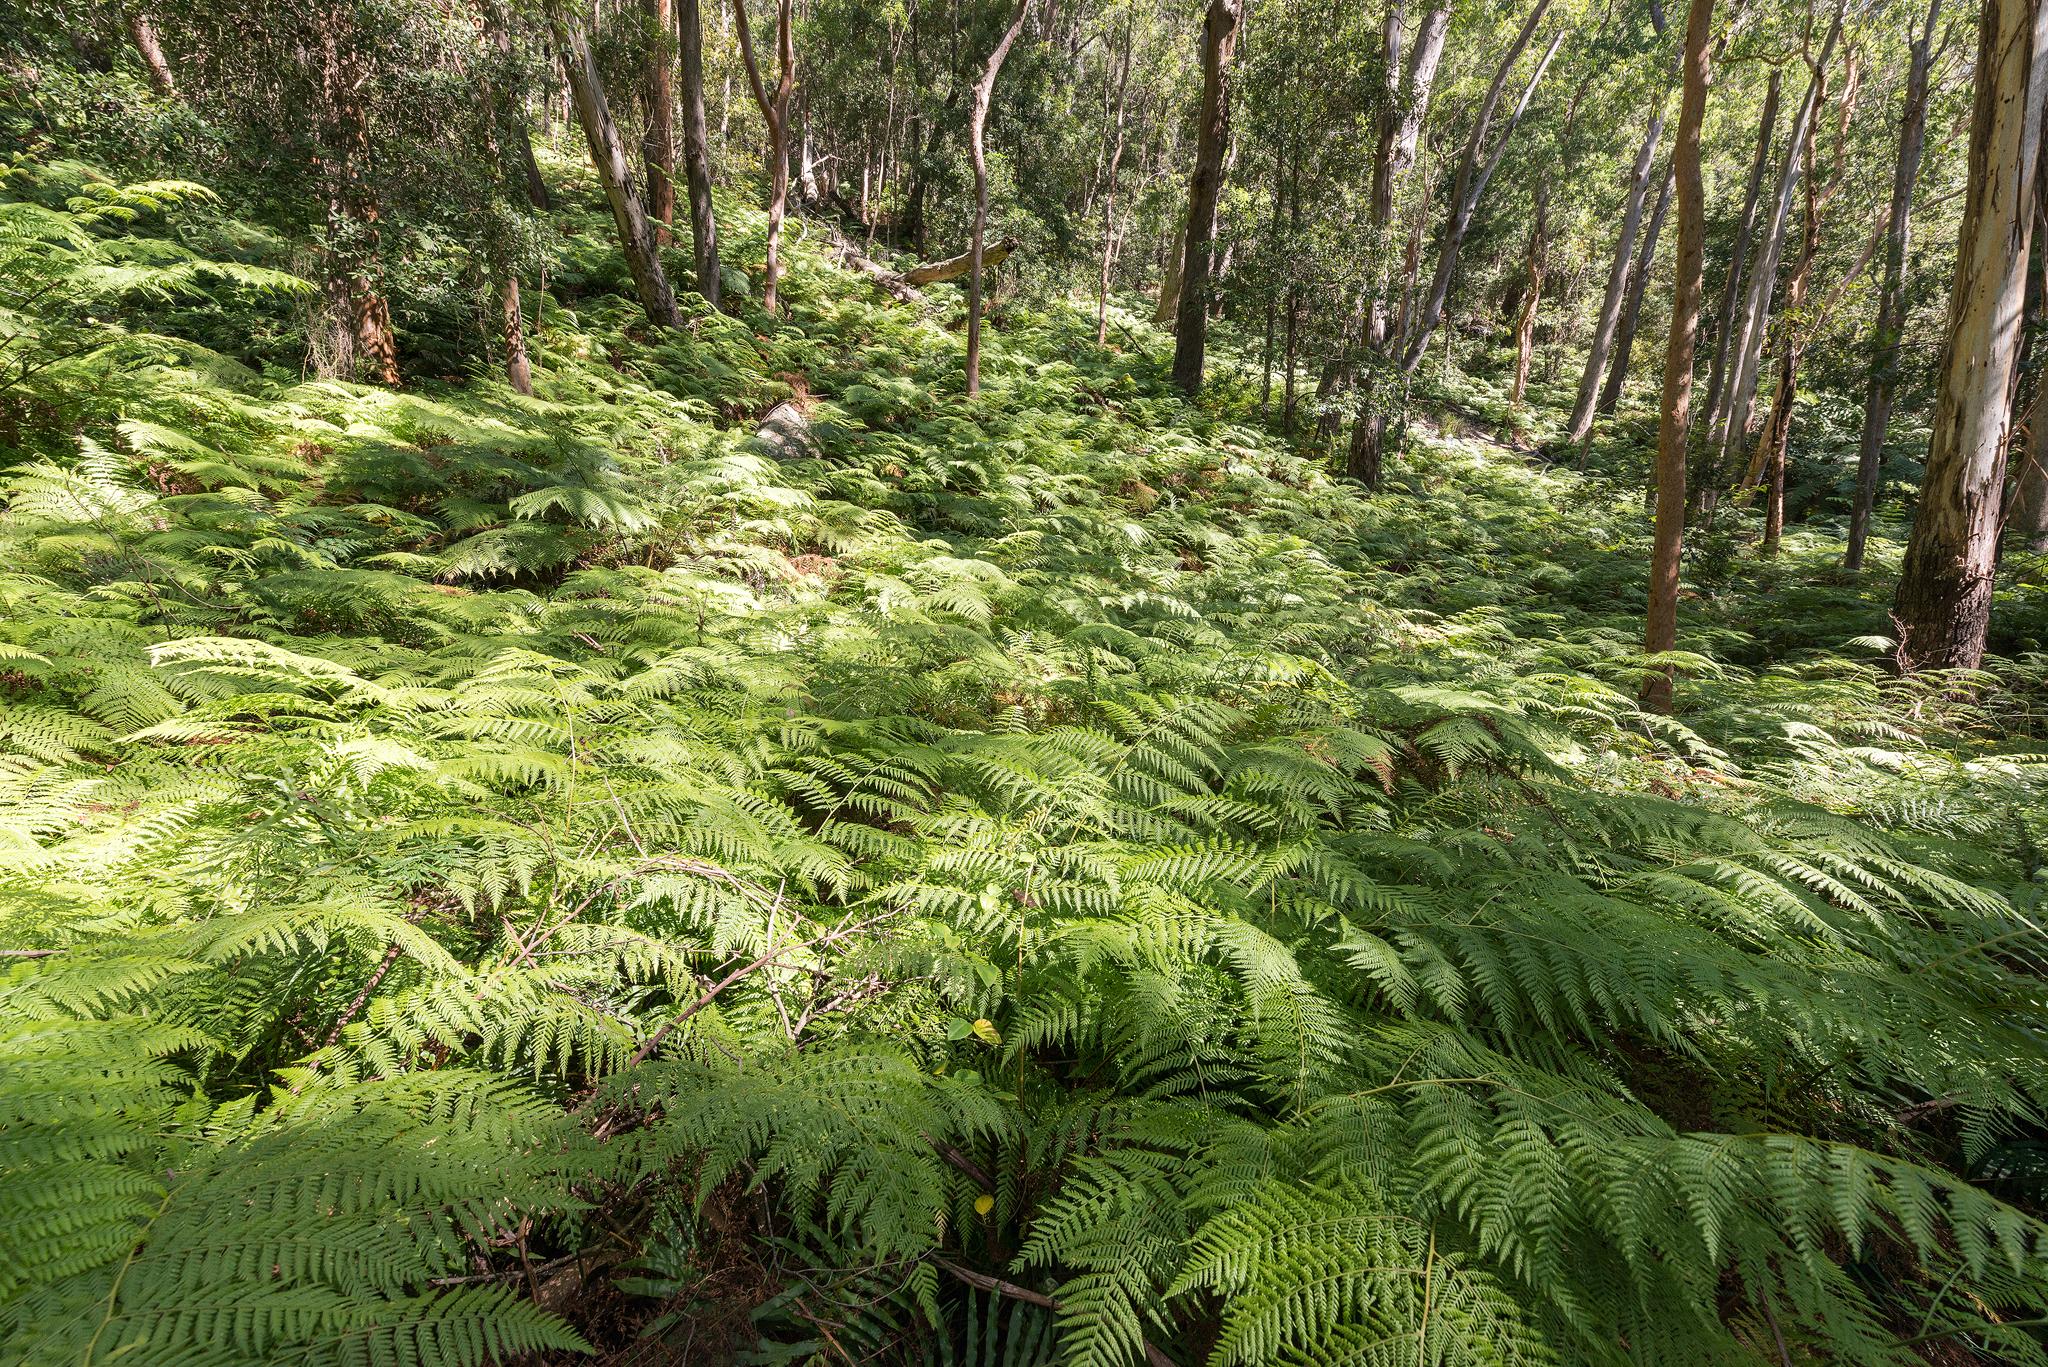 Sea of ferns- 2048